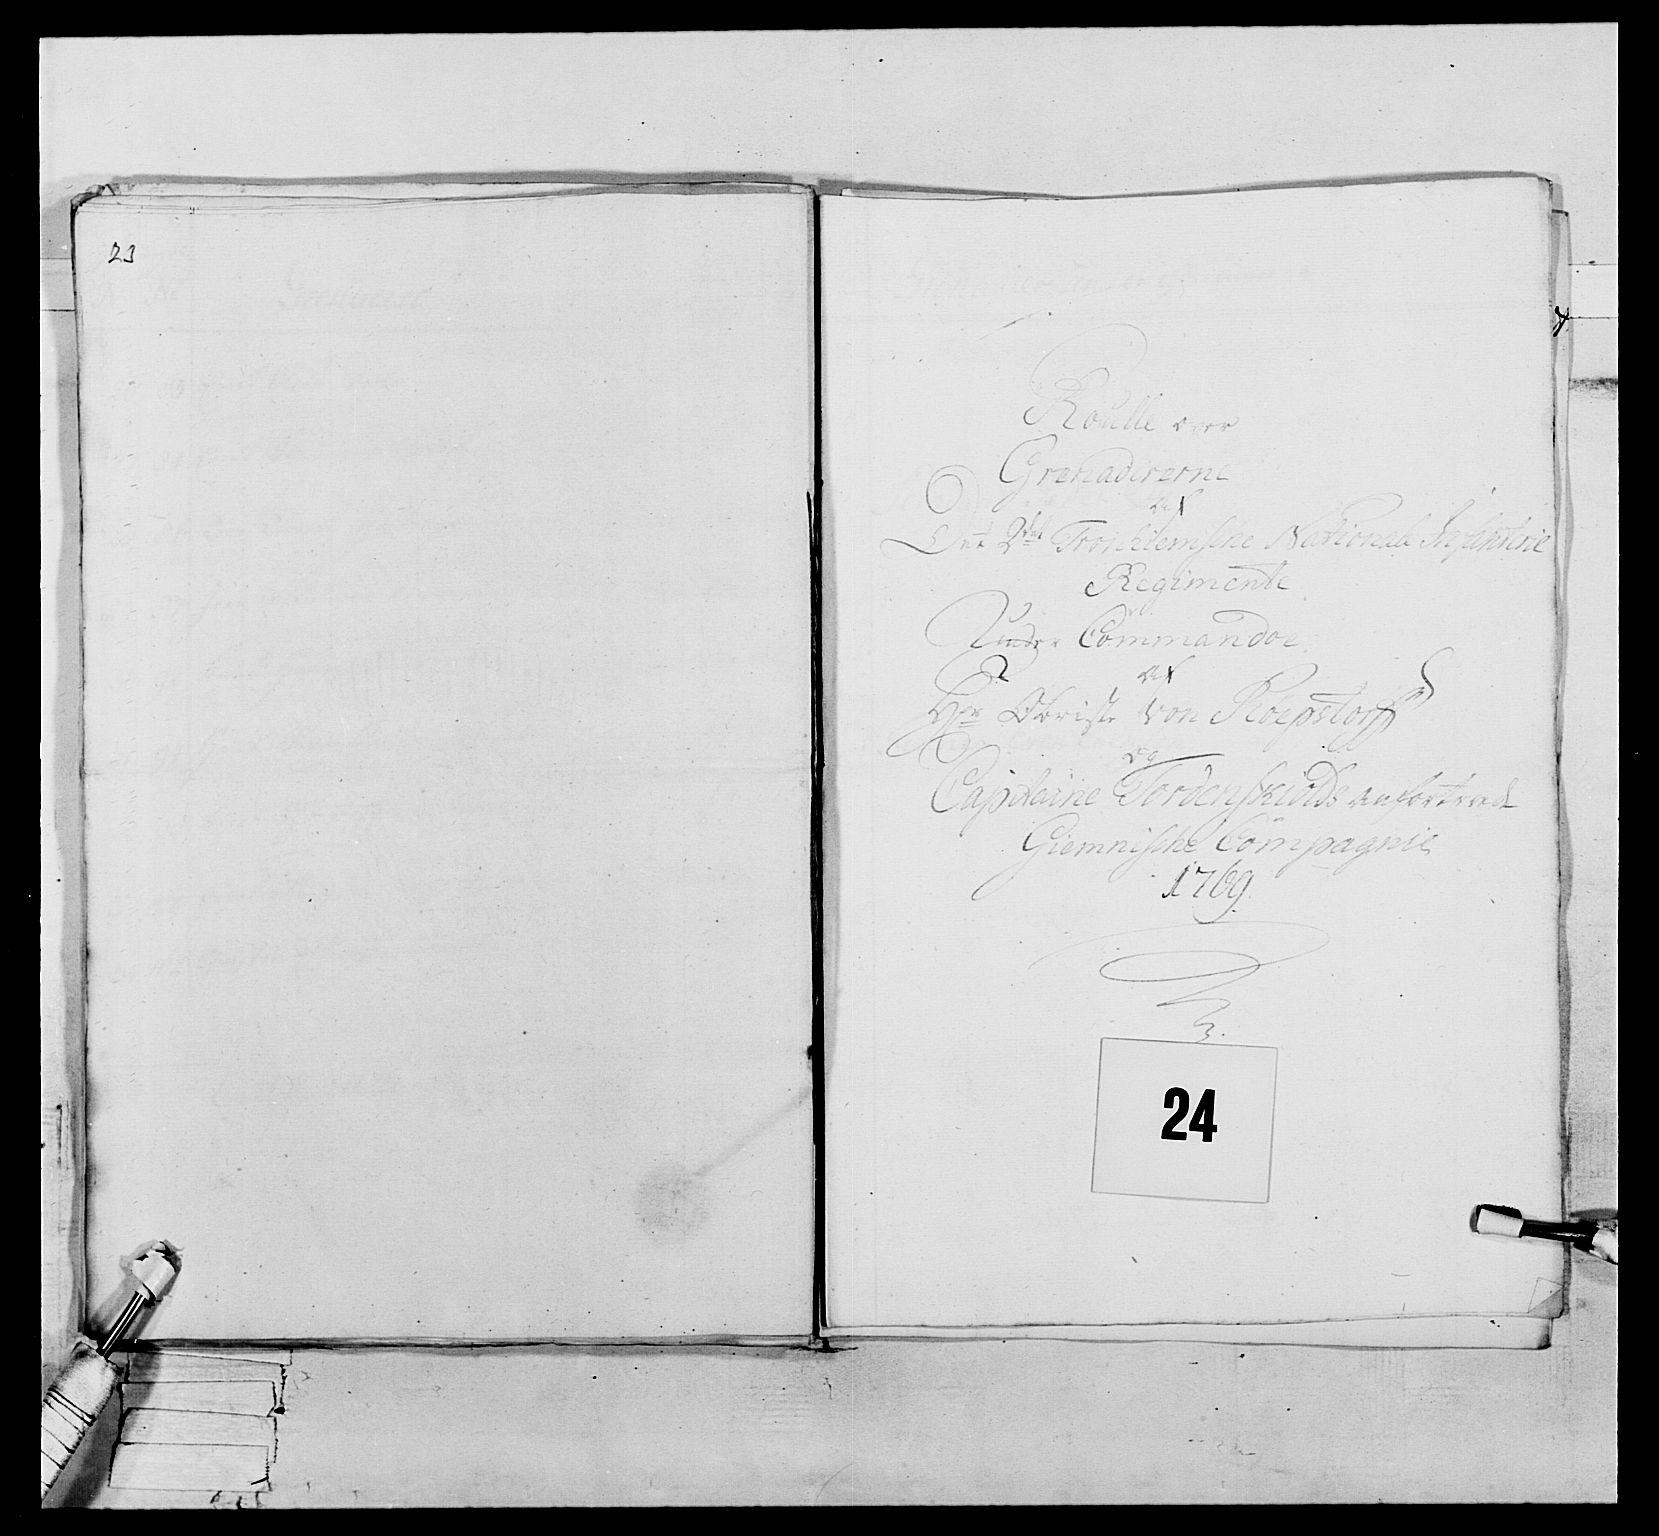 RA, Generalitets- og kommissariatskollegiet, Det kongelige norske kommissariatskollegium, E/Eh/L0076: 2. Trondheimske nasjonale infanteriregiment, 1766-1773, s. 59